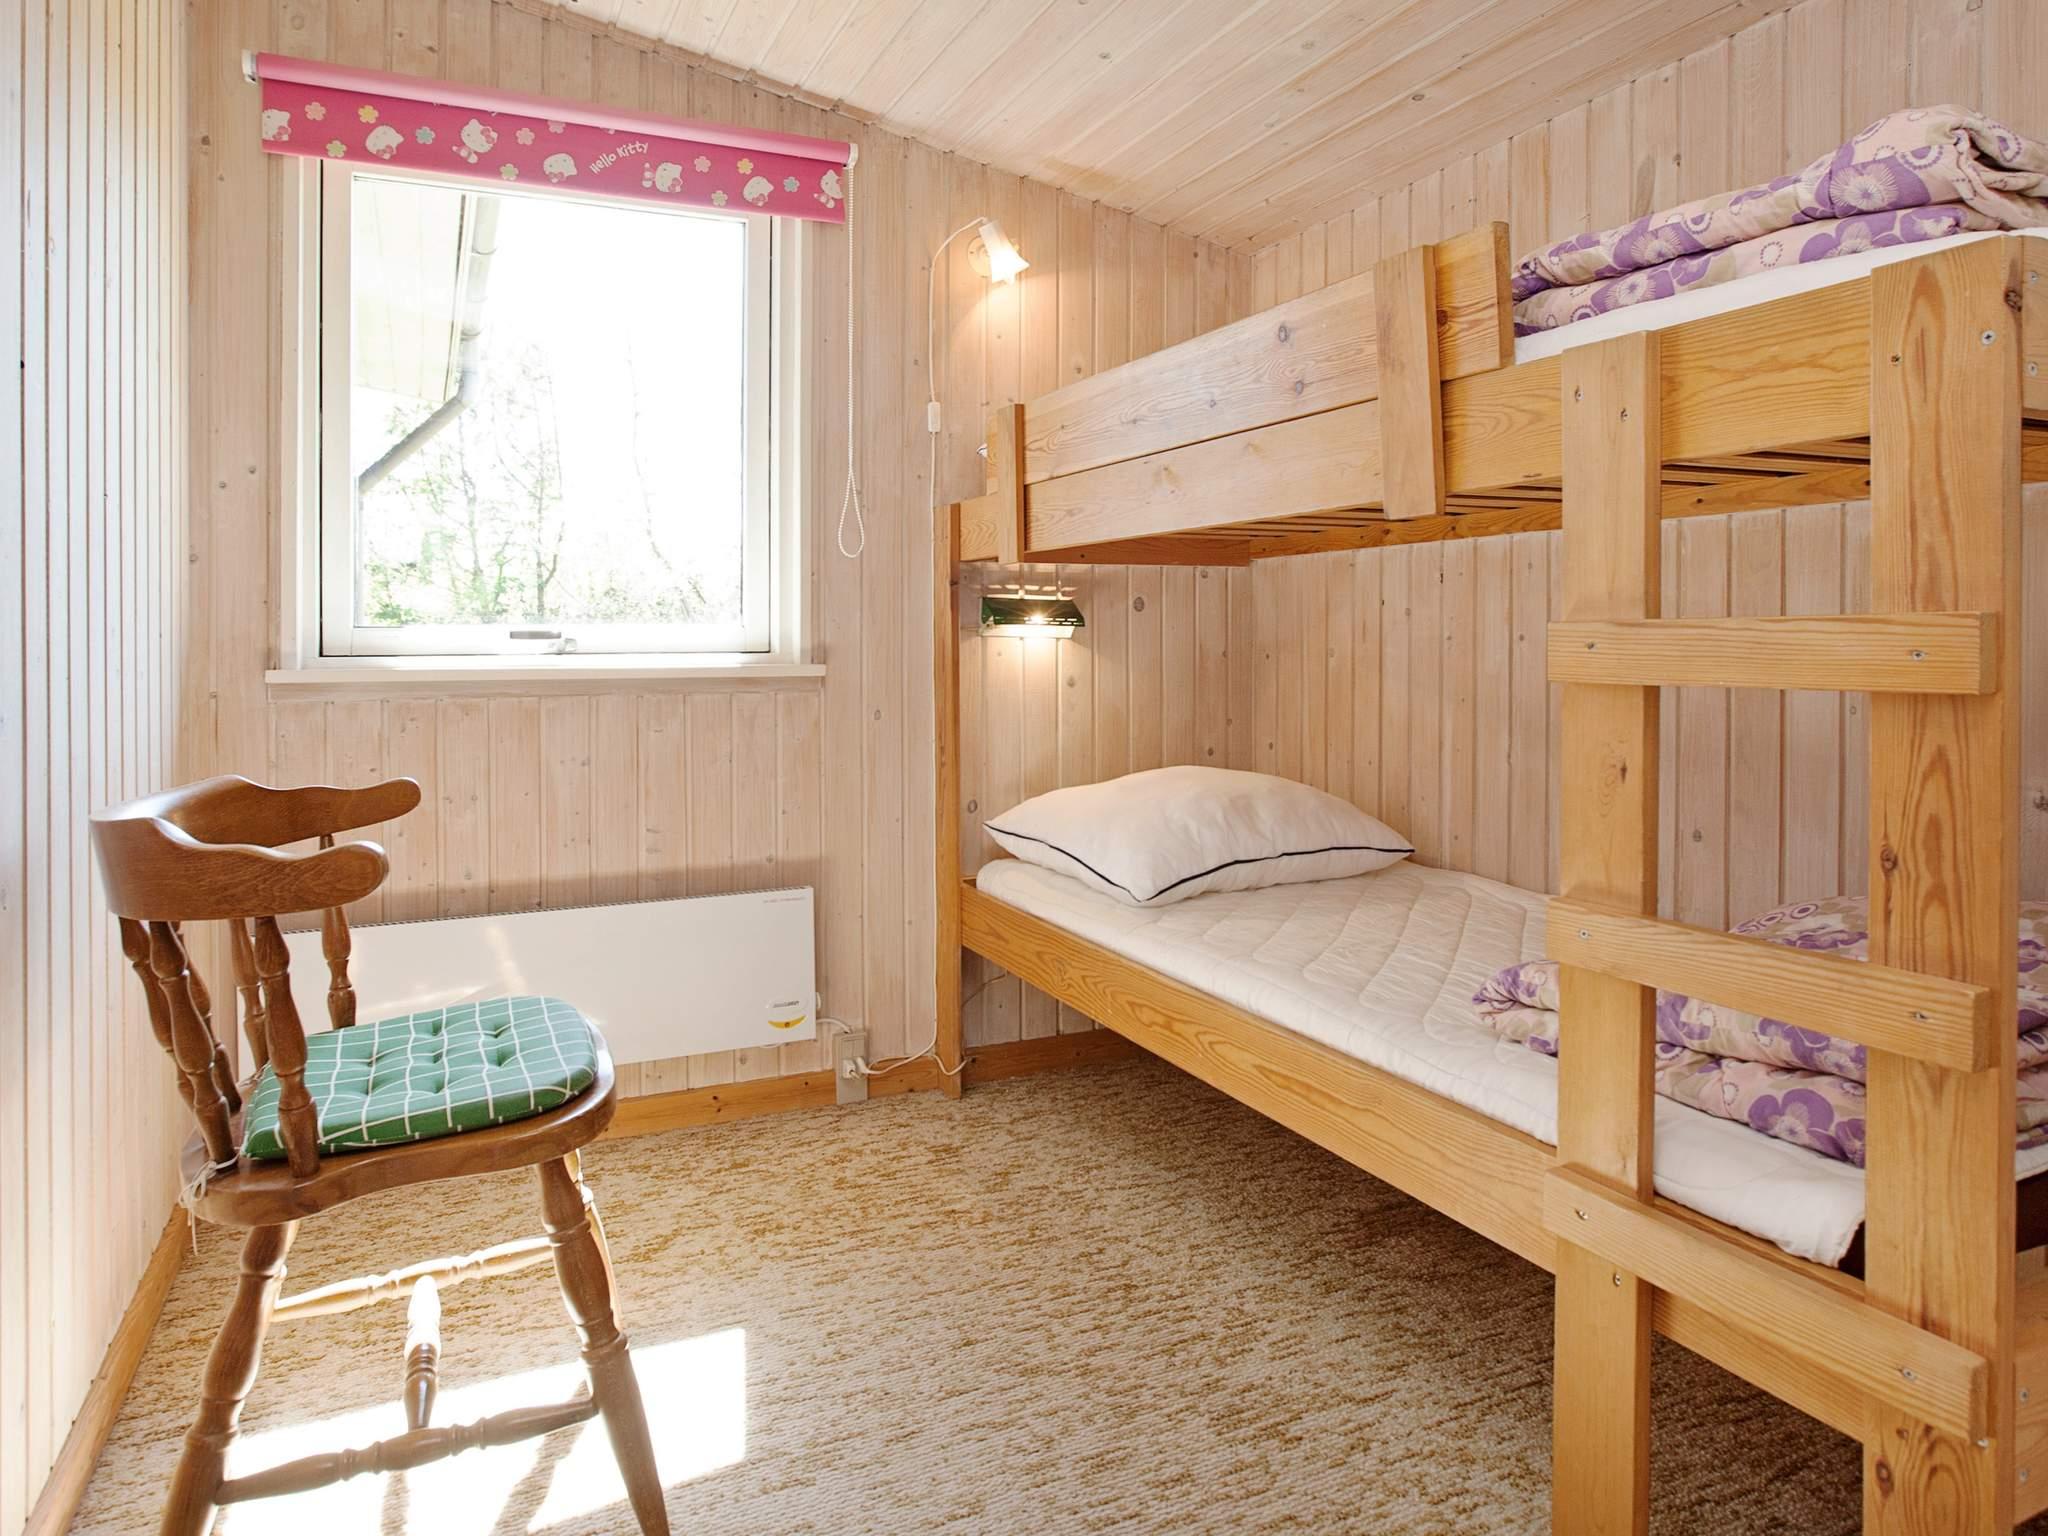 Ferienhaus Hummingen (81995), Hummingen, , Lolland, Dänemark, Bild 14